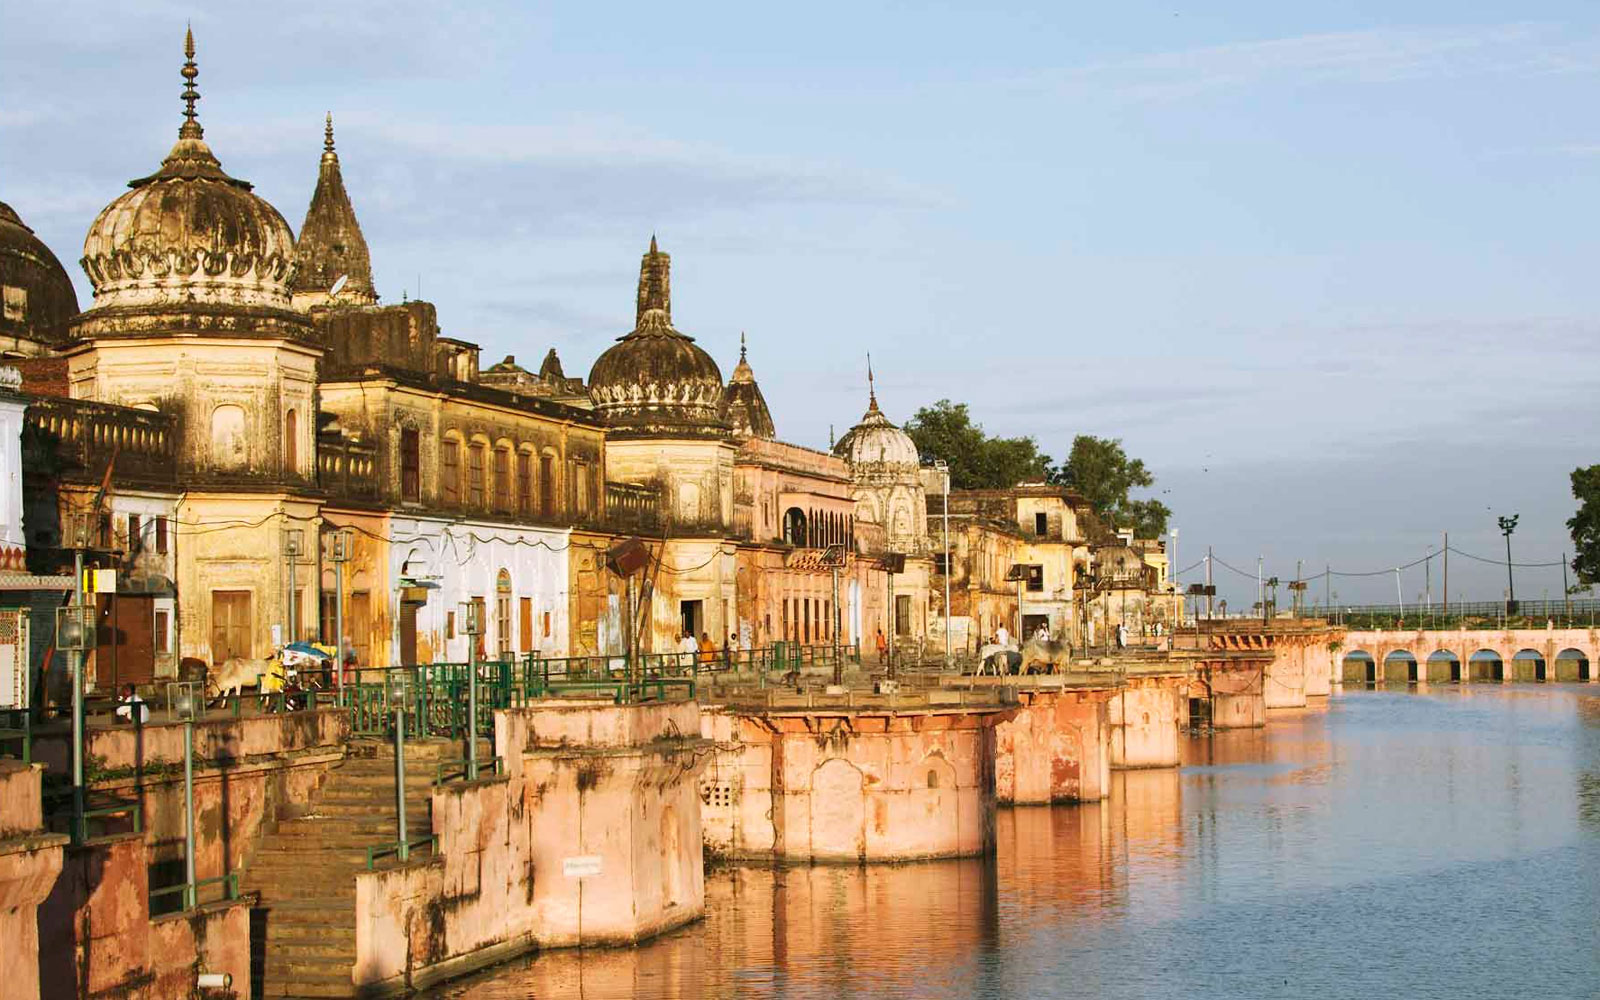 Visit Ayodhya During Allahabad Kumbh Mela 2019